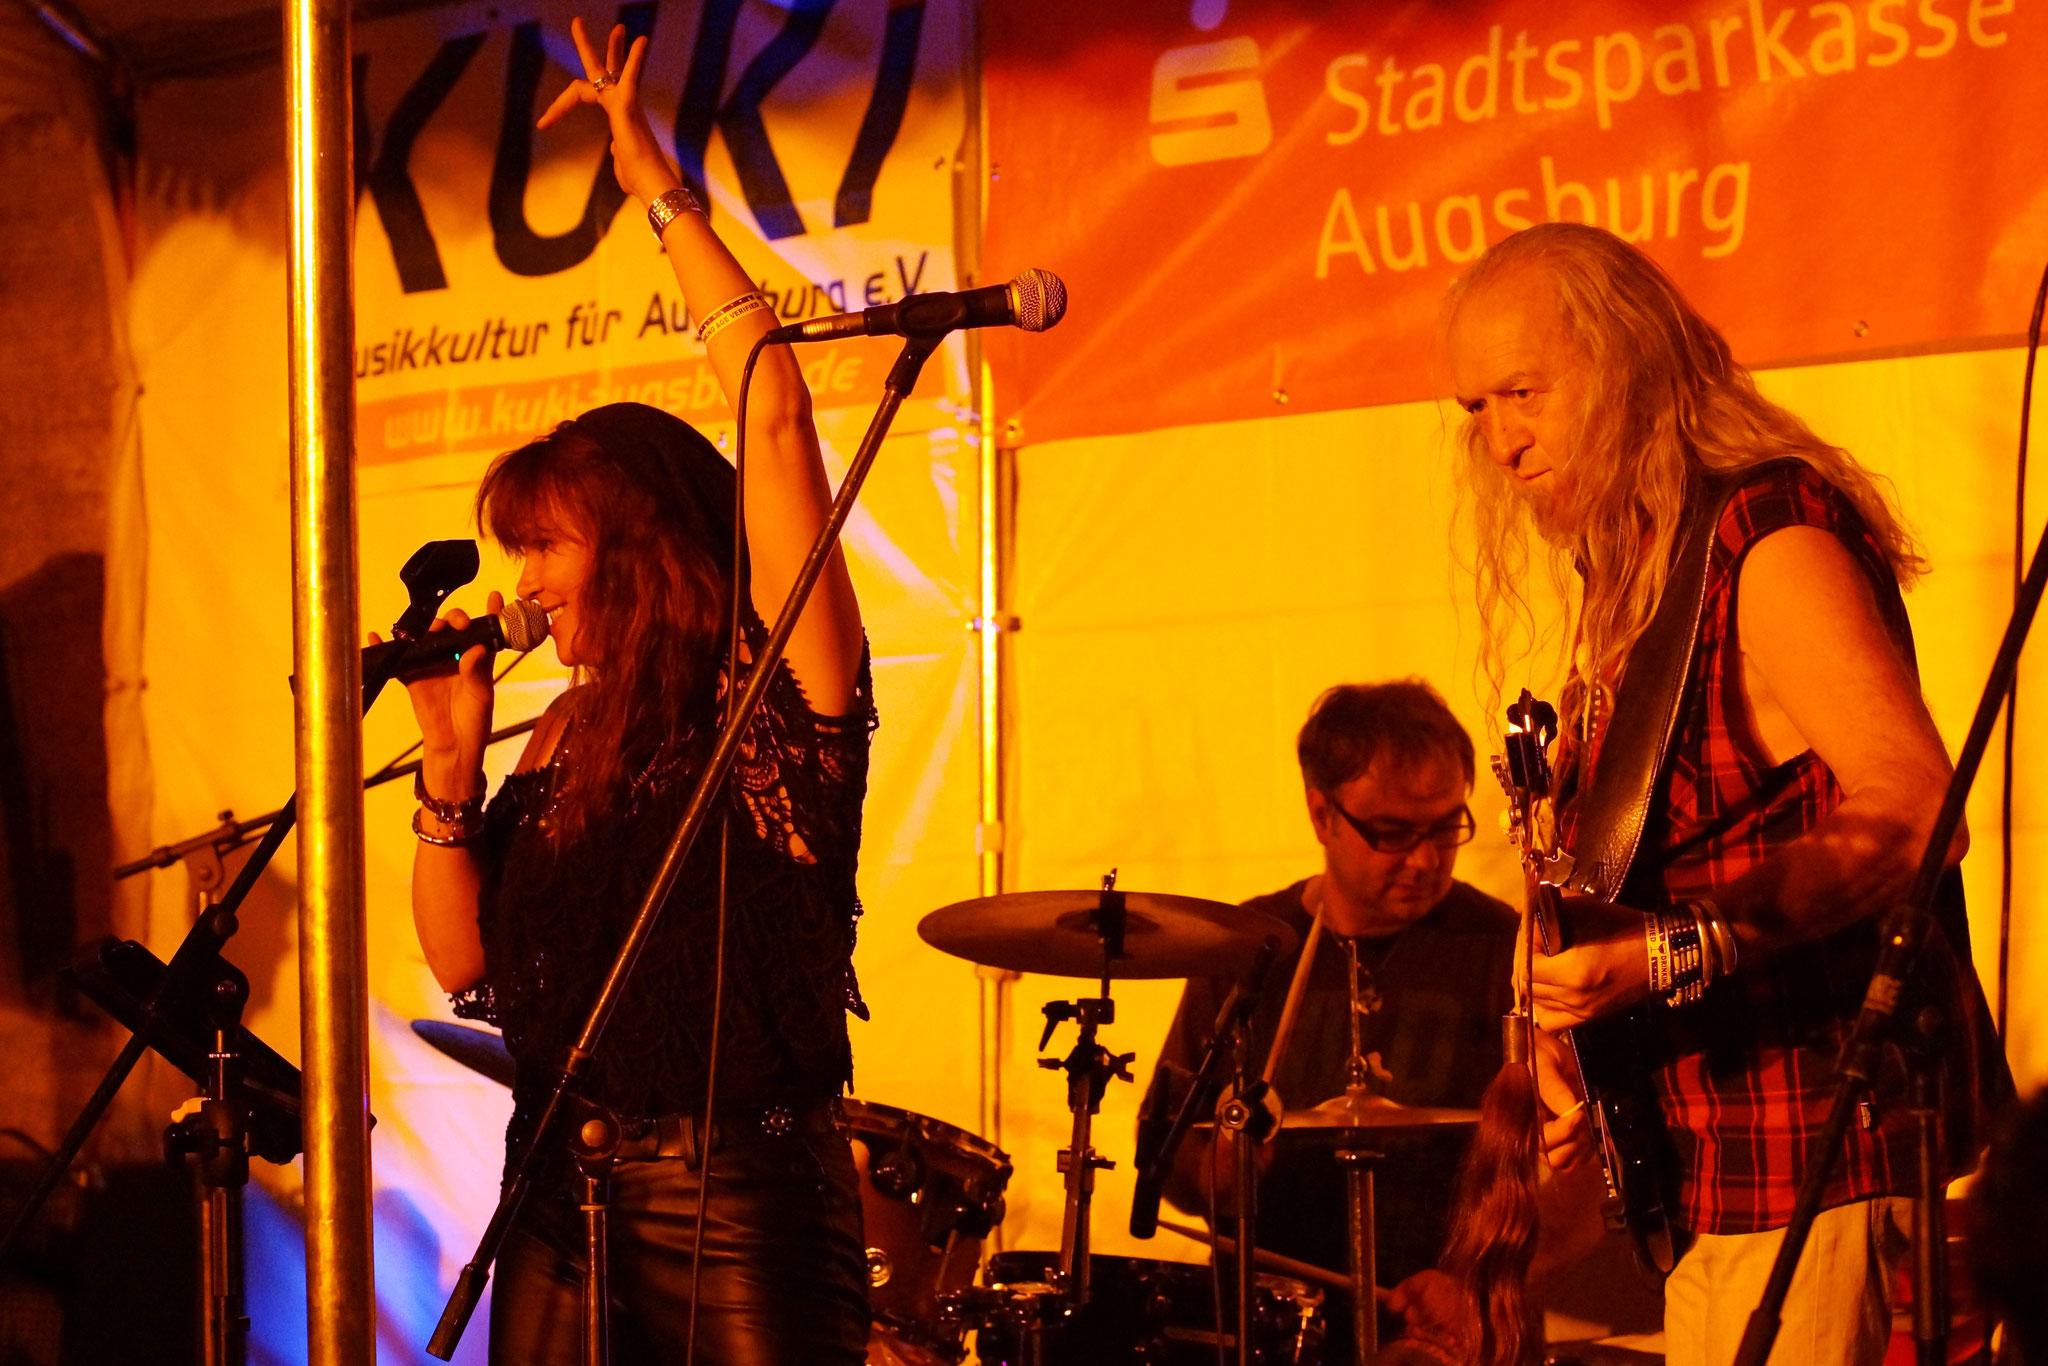 Konzerte im Bürgerhof 08.07.16 Basanostra - Freiwilligen-Zentrum Augsburg - Foto: Crayfish